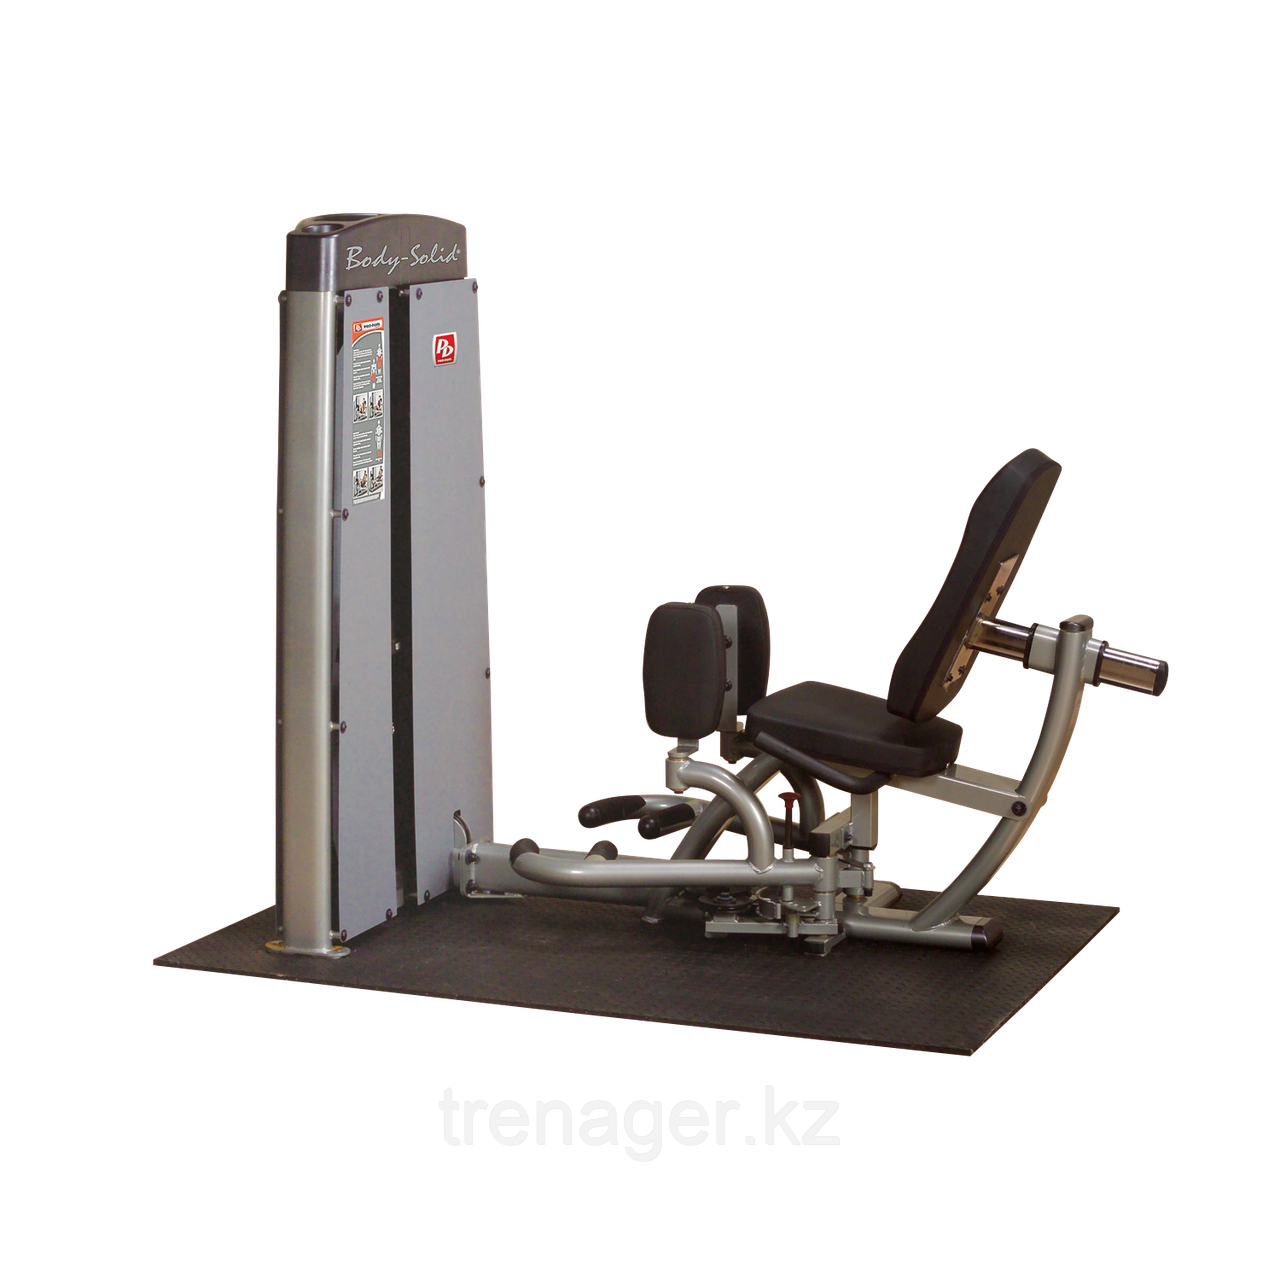 Двухпозиционный тренажер для приводящих и отводящих мышц бедра Body-Solid DIOT-SF